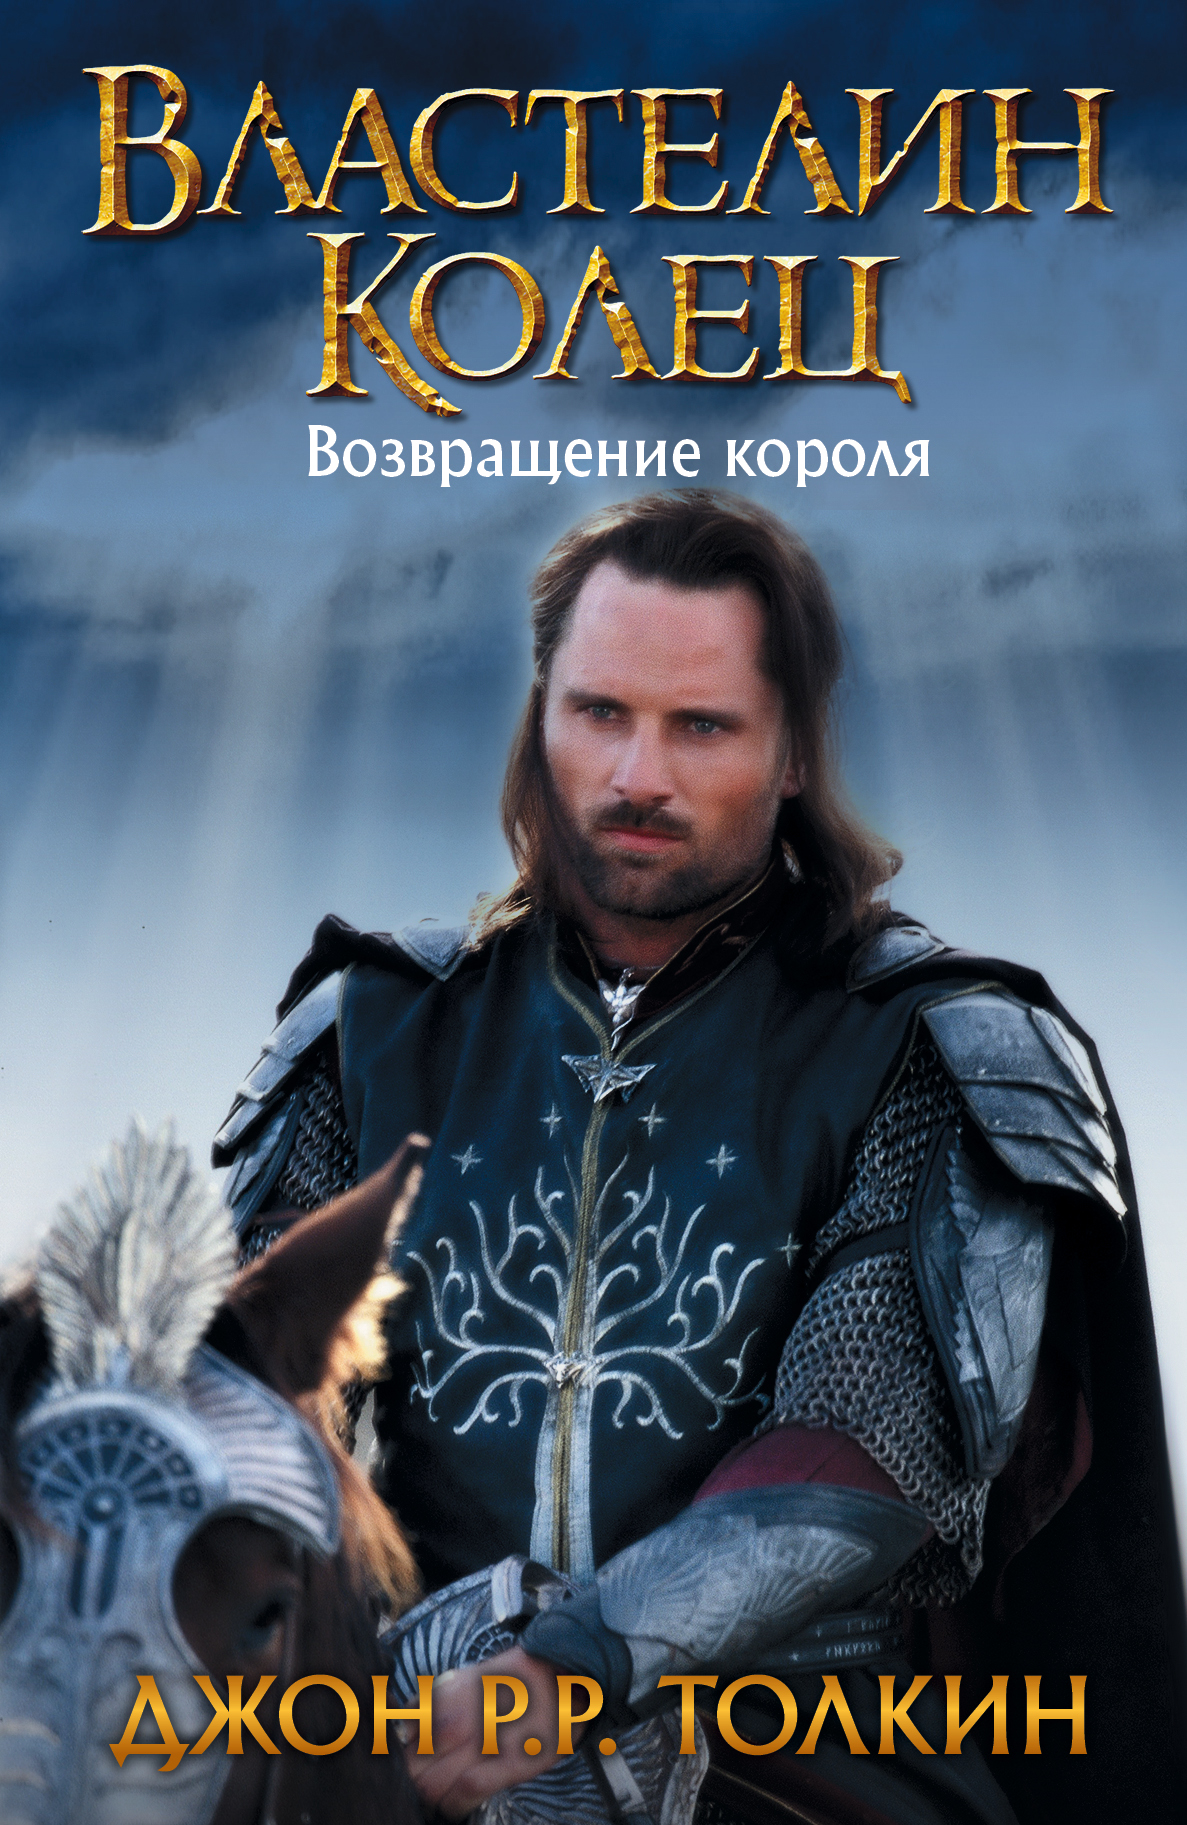 Властелин Колец. Возвращение короля